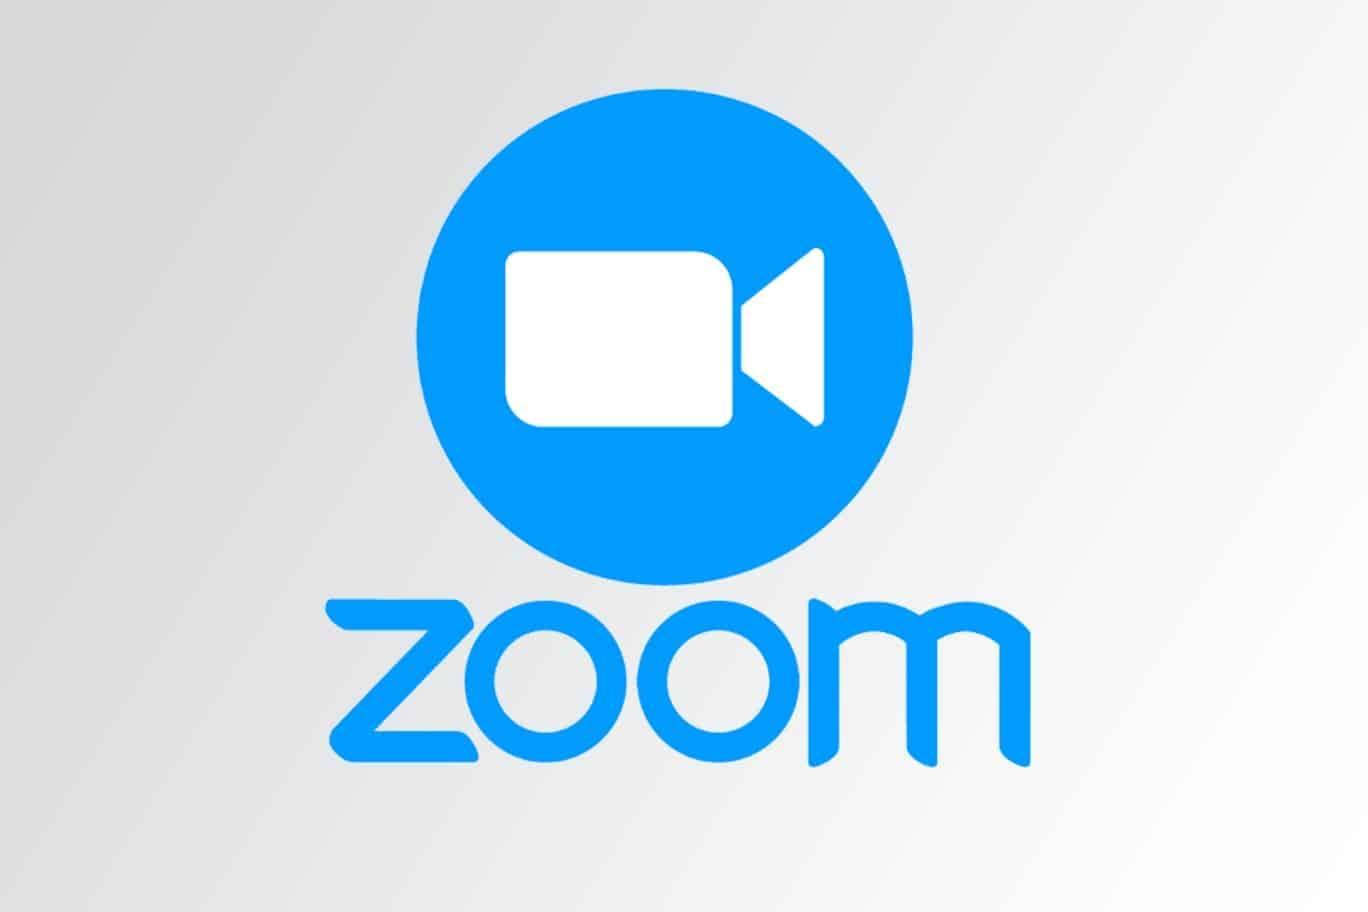 Zoom Giphy'yi sohbet işlevinden geçici olarak kaldırdı